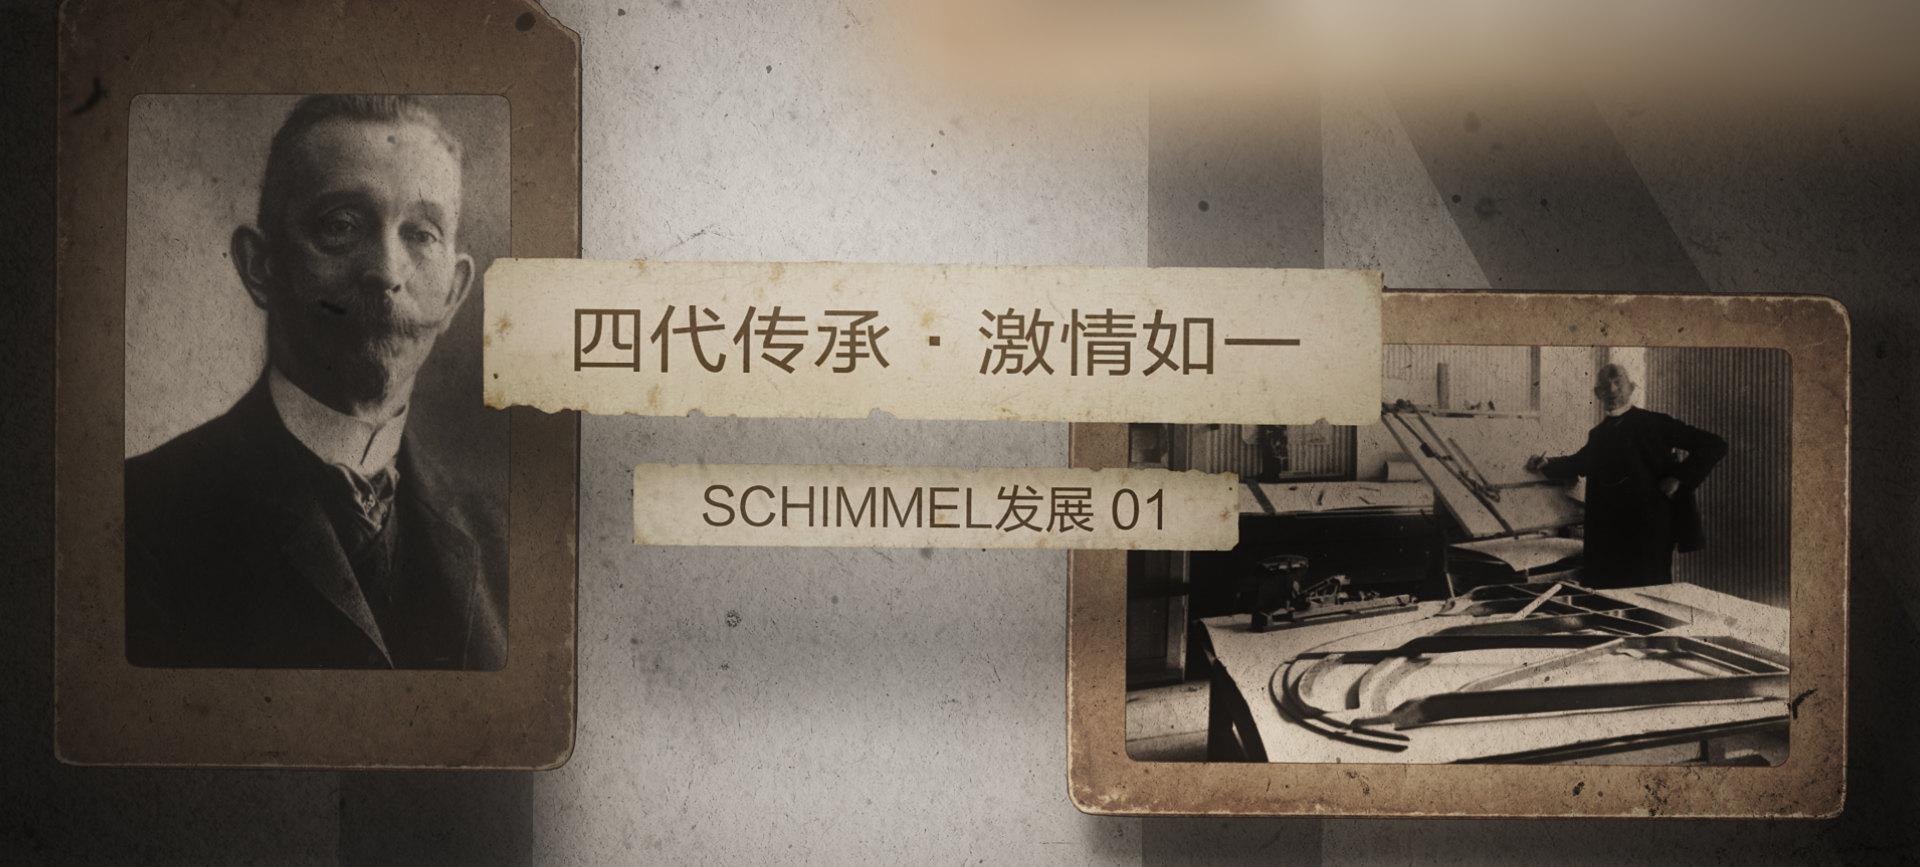 四代传承,激情如— ——SCHIMMEL发展(一)